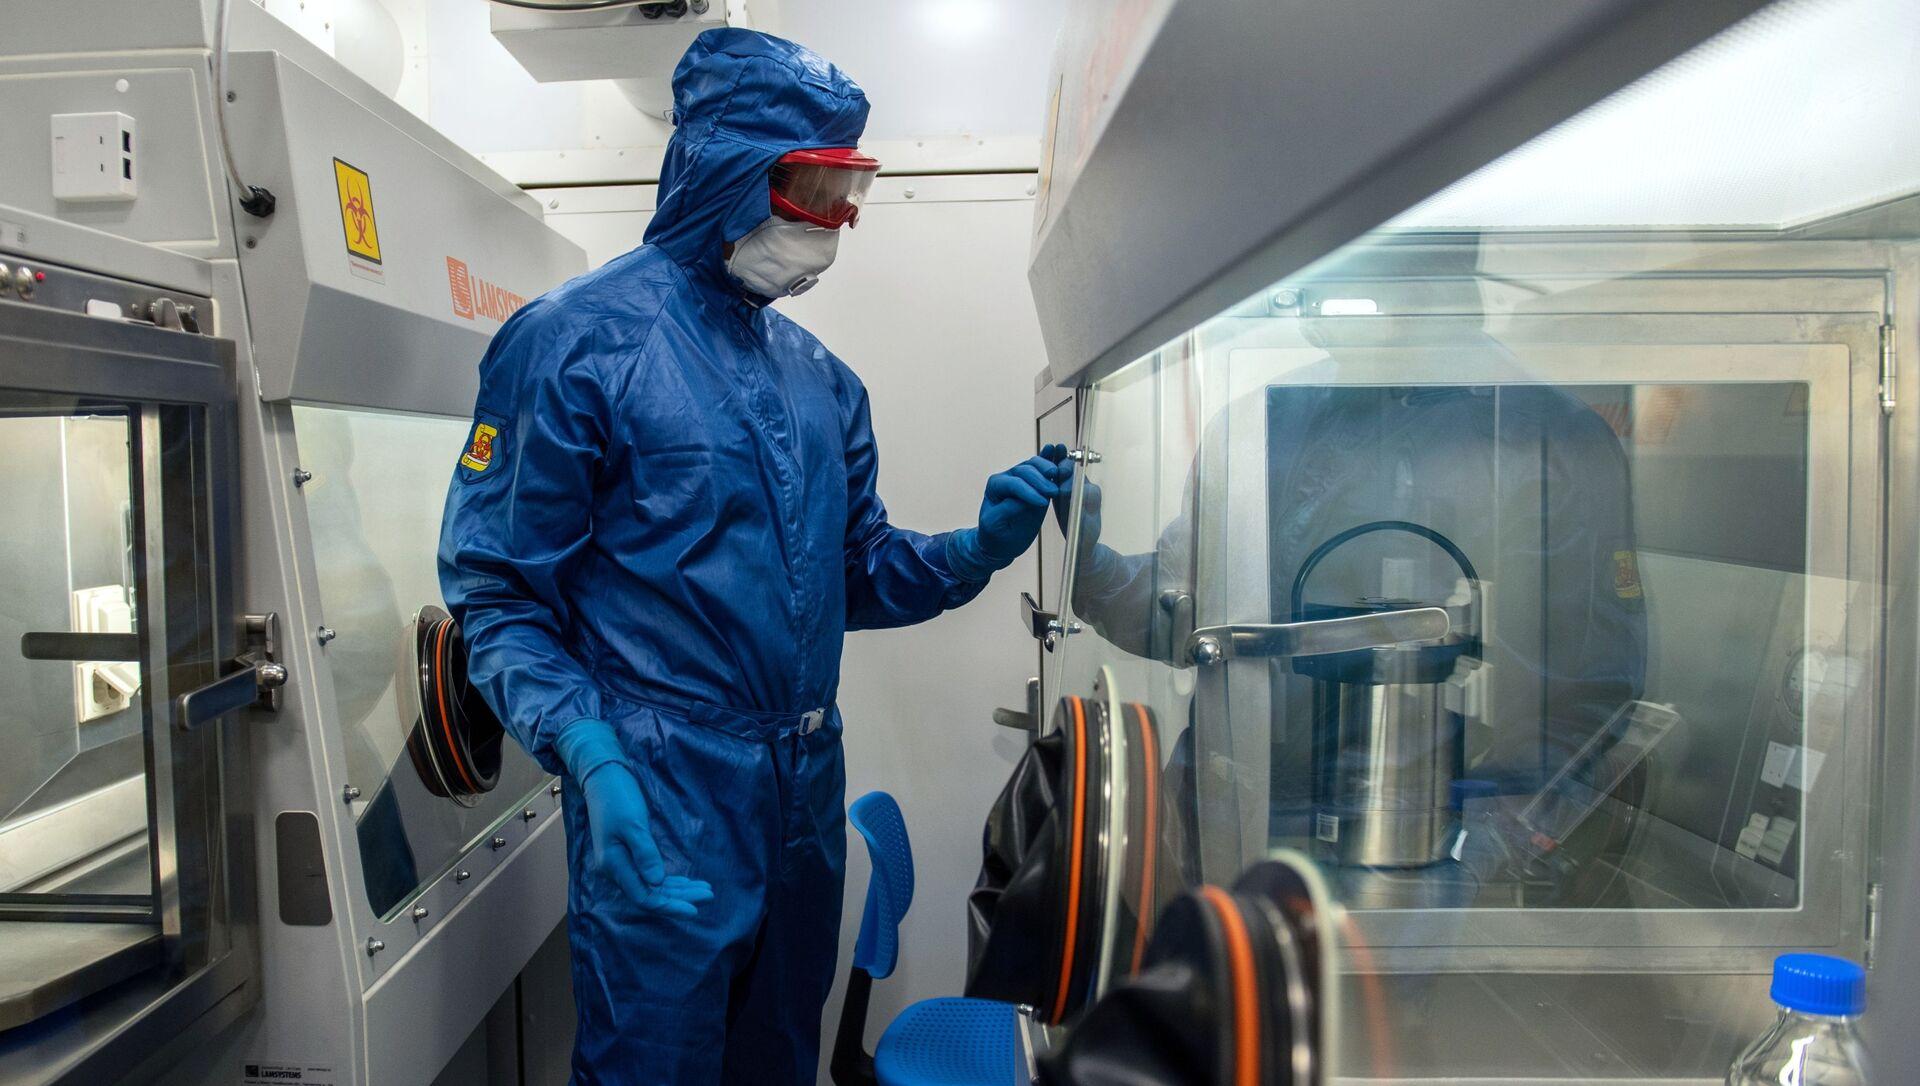 Специалист работает в российской мобильной лаборатории для диагностики COVID-19 в Ереване - Sputnik Грузия, 1920, 26.03.2021